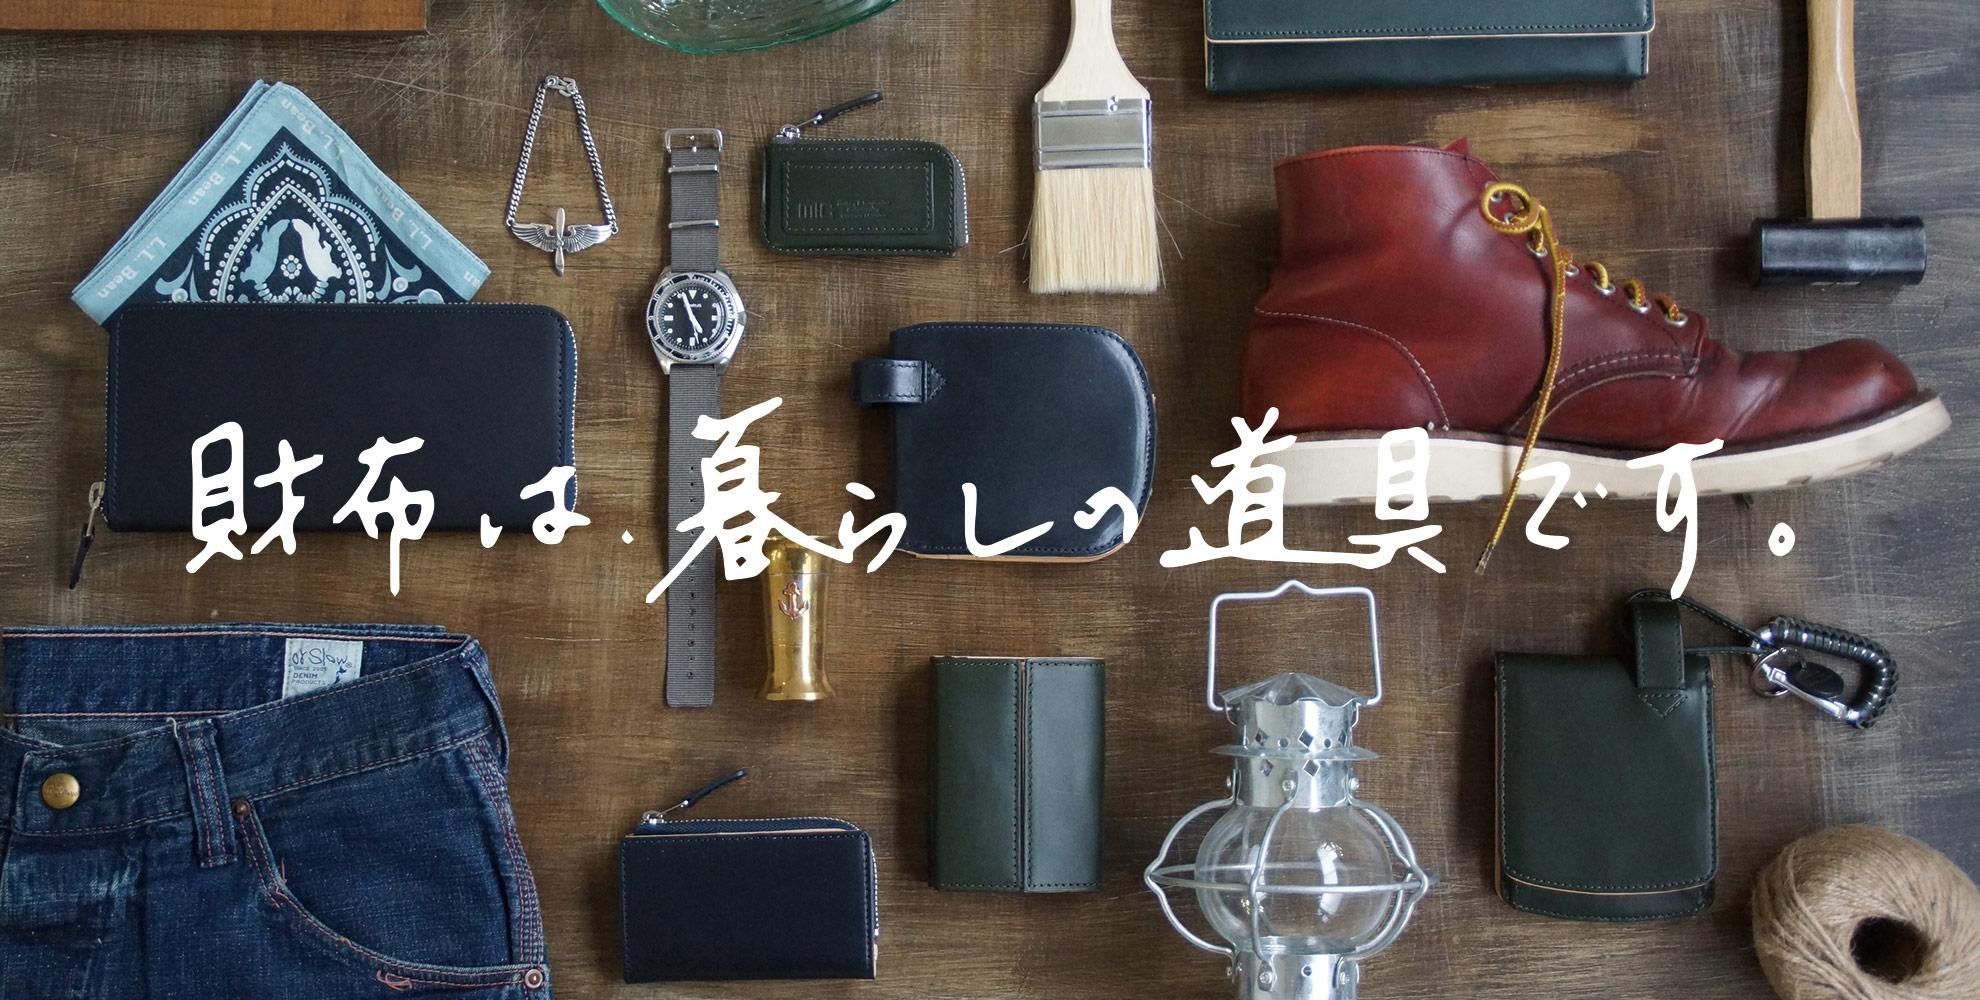 財布は暮らしの道具です。